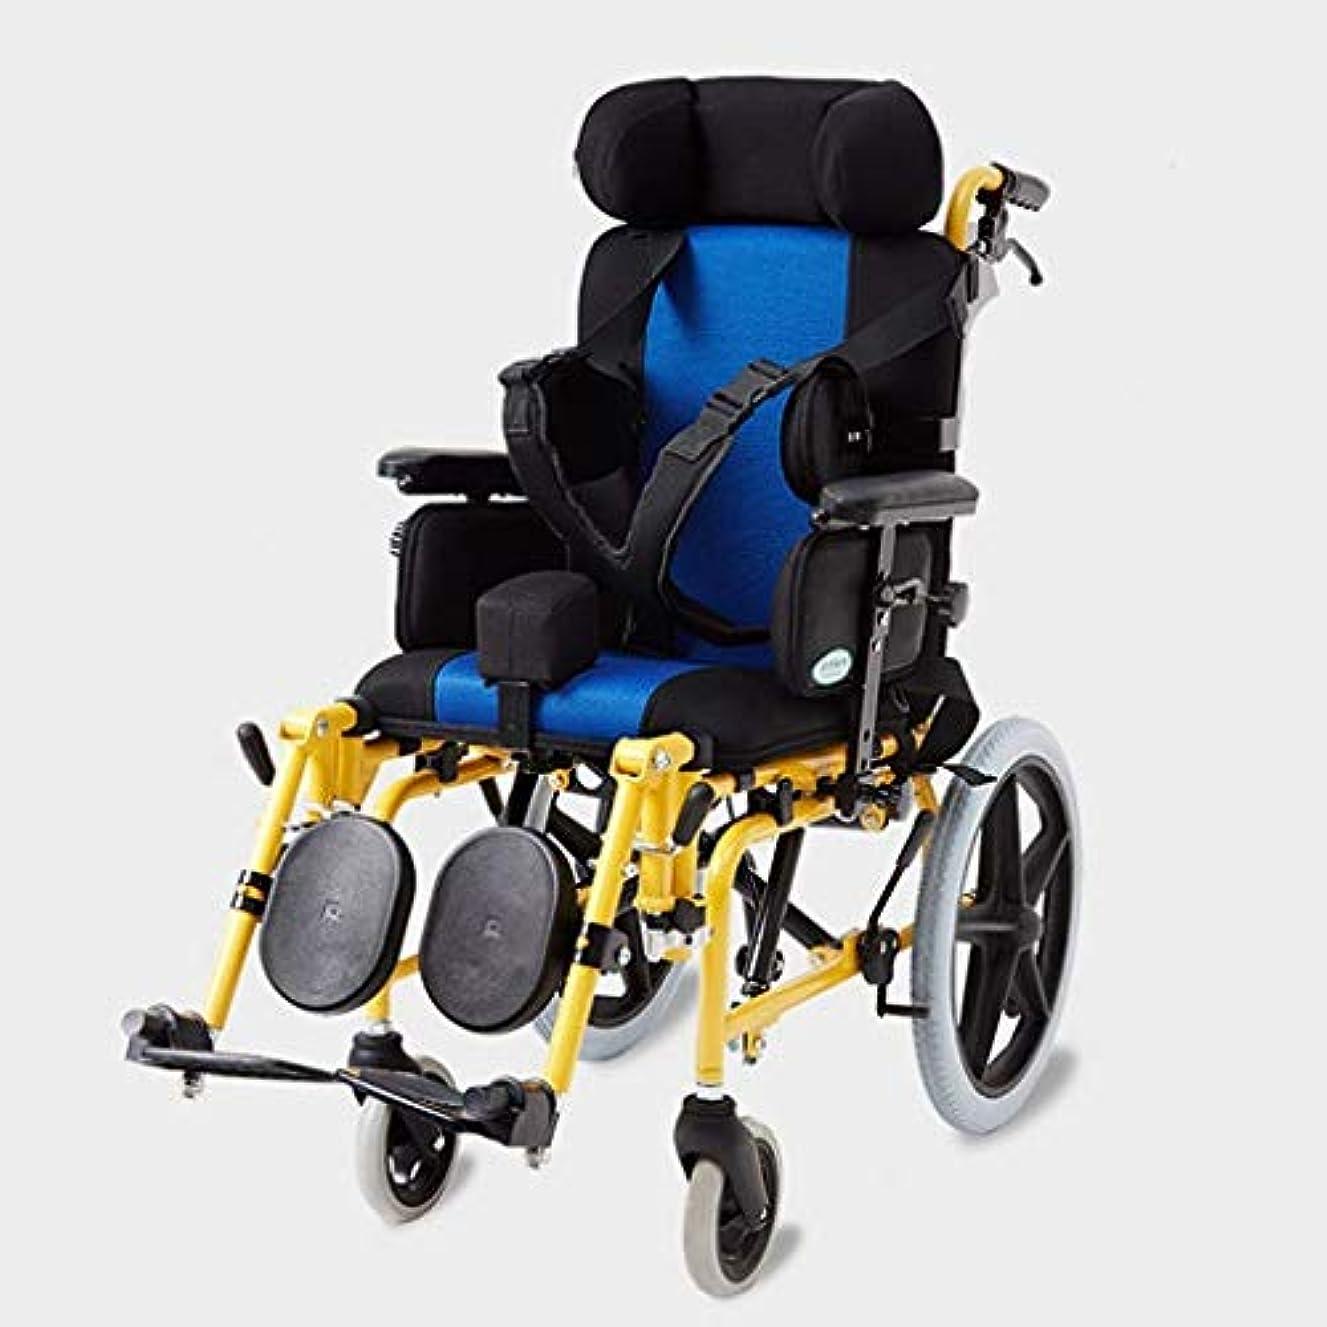 反乱真珠のような高度な車いす多機能フル?レイ/セミ横たわっデザイン、マニュアル脳性麻痺、子供、軽量折りたたみ交通旅行自走式ウォーカー